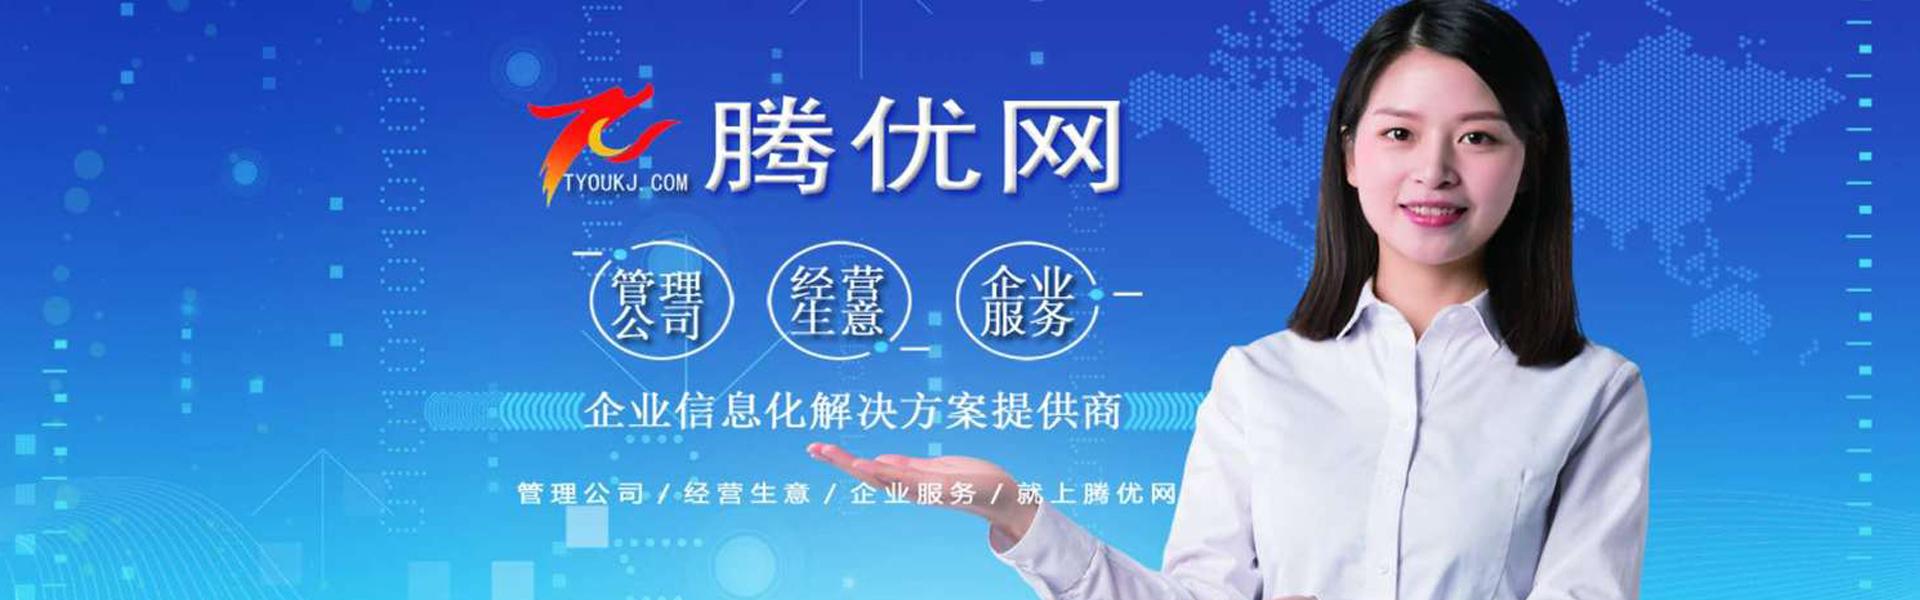 營銷獲客係統,廣州網絡推廣,廣州企業銷售管理係統,廣州電話外呼係統,企業銷售管理係統,廣州茄子视频网站下载信息科技有限公司